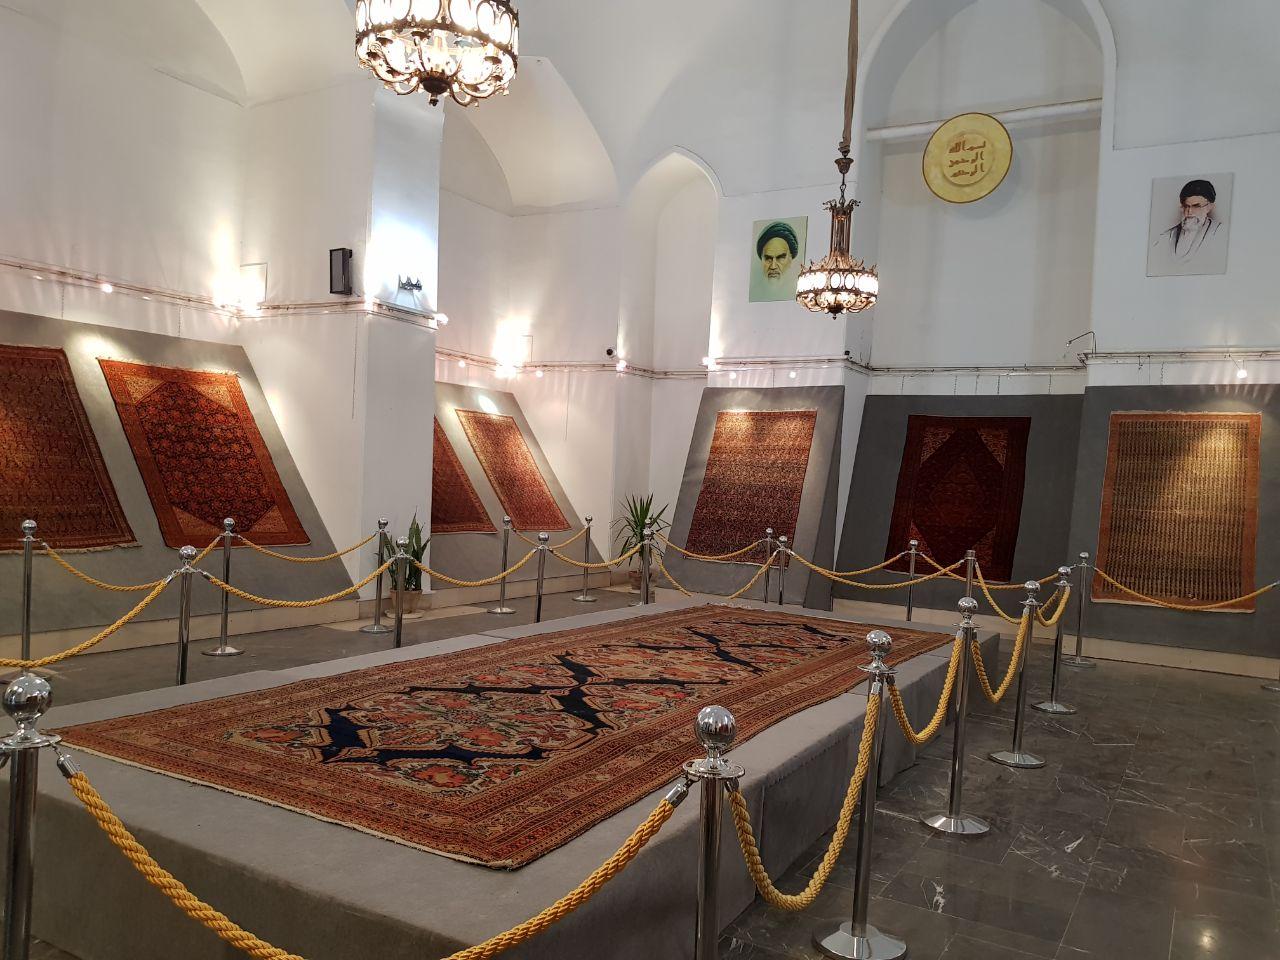 نمایش فرش های یک قرنی ملایر در کاخ گلستان